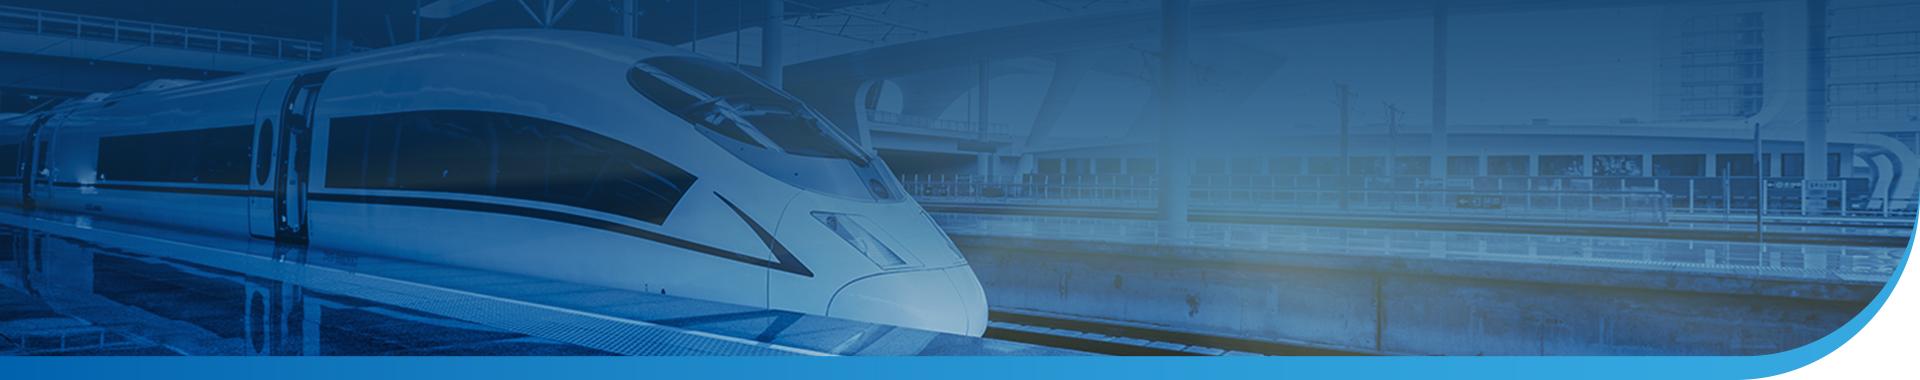 SMART's transportation solutions